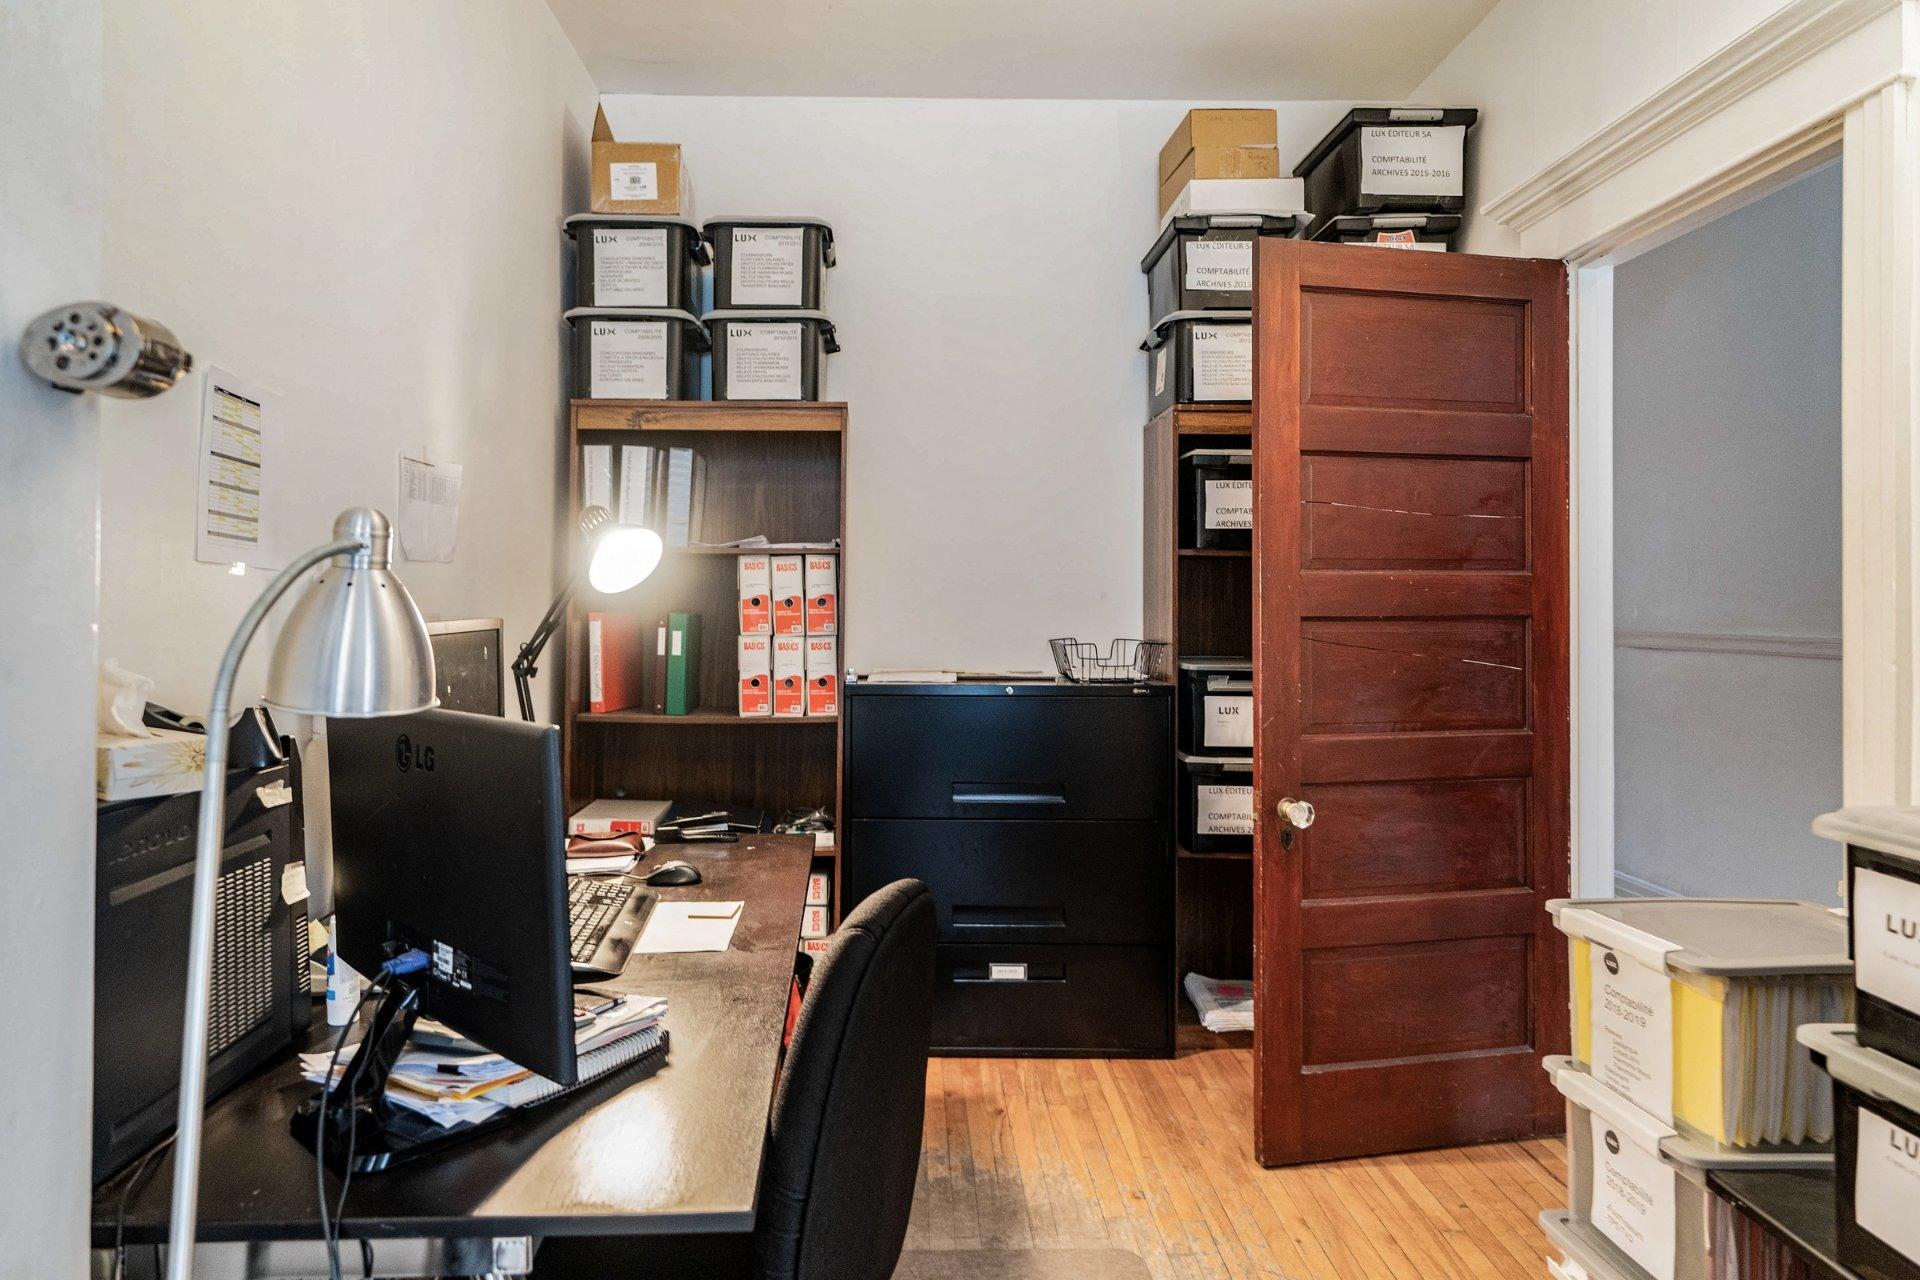 image 27 - Quadruplex À vendre Le Plateau-Mont-Royal Montréal  - 6 pièces